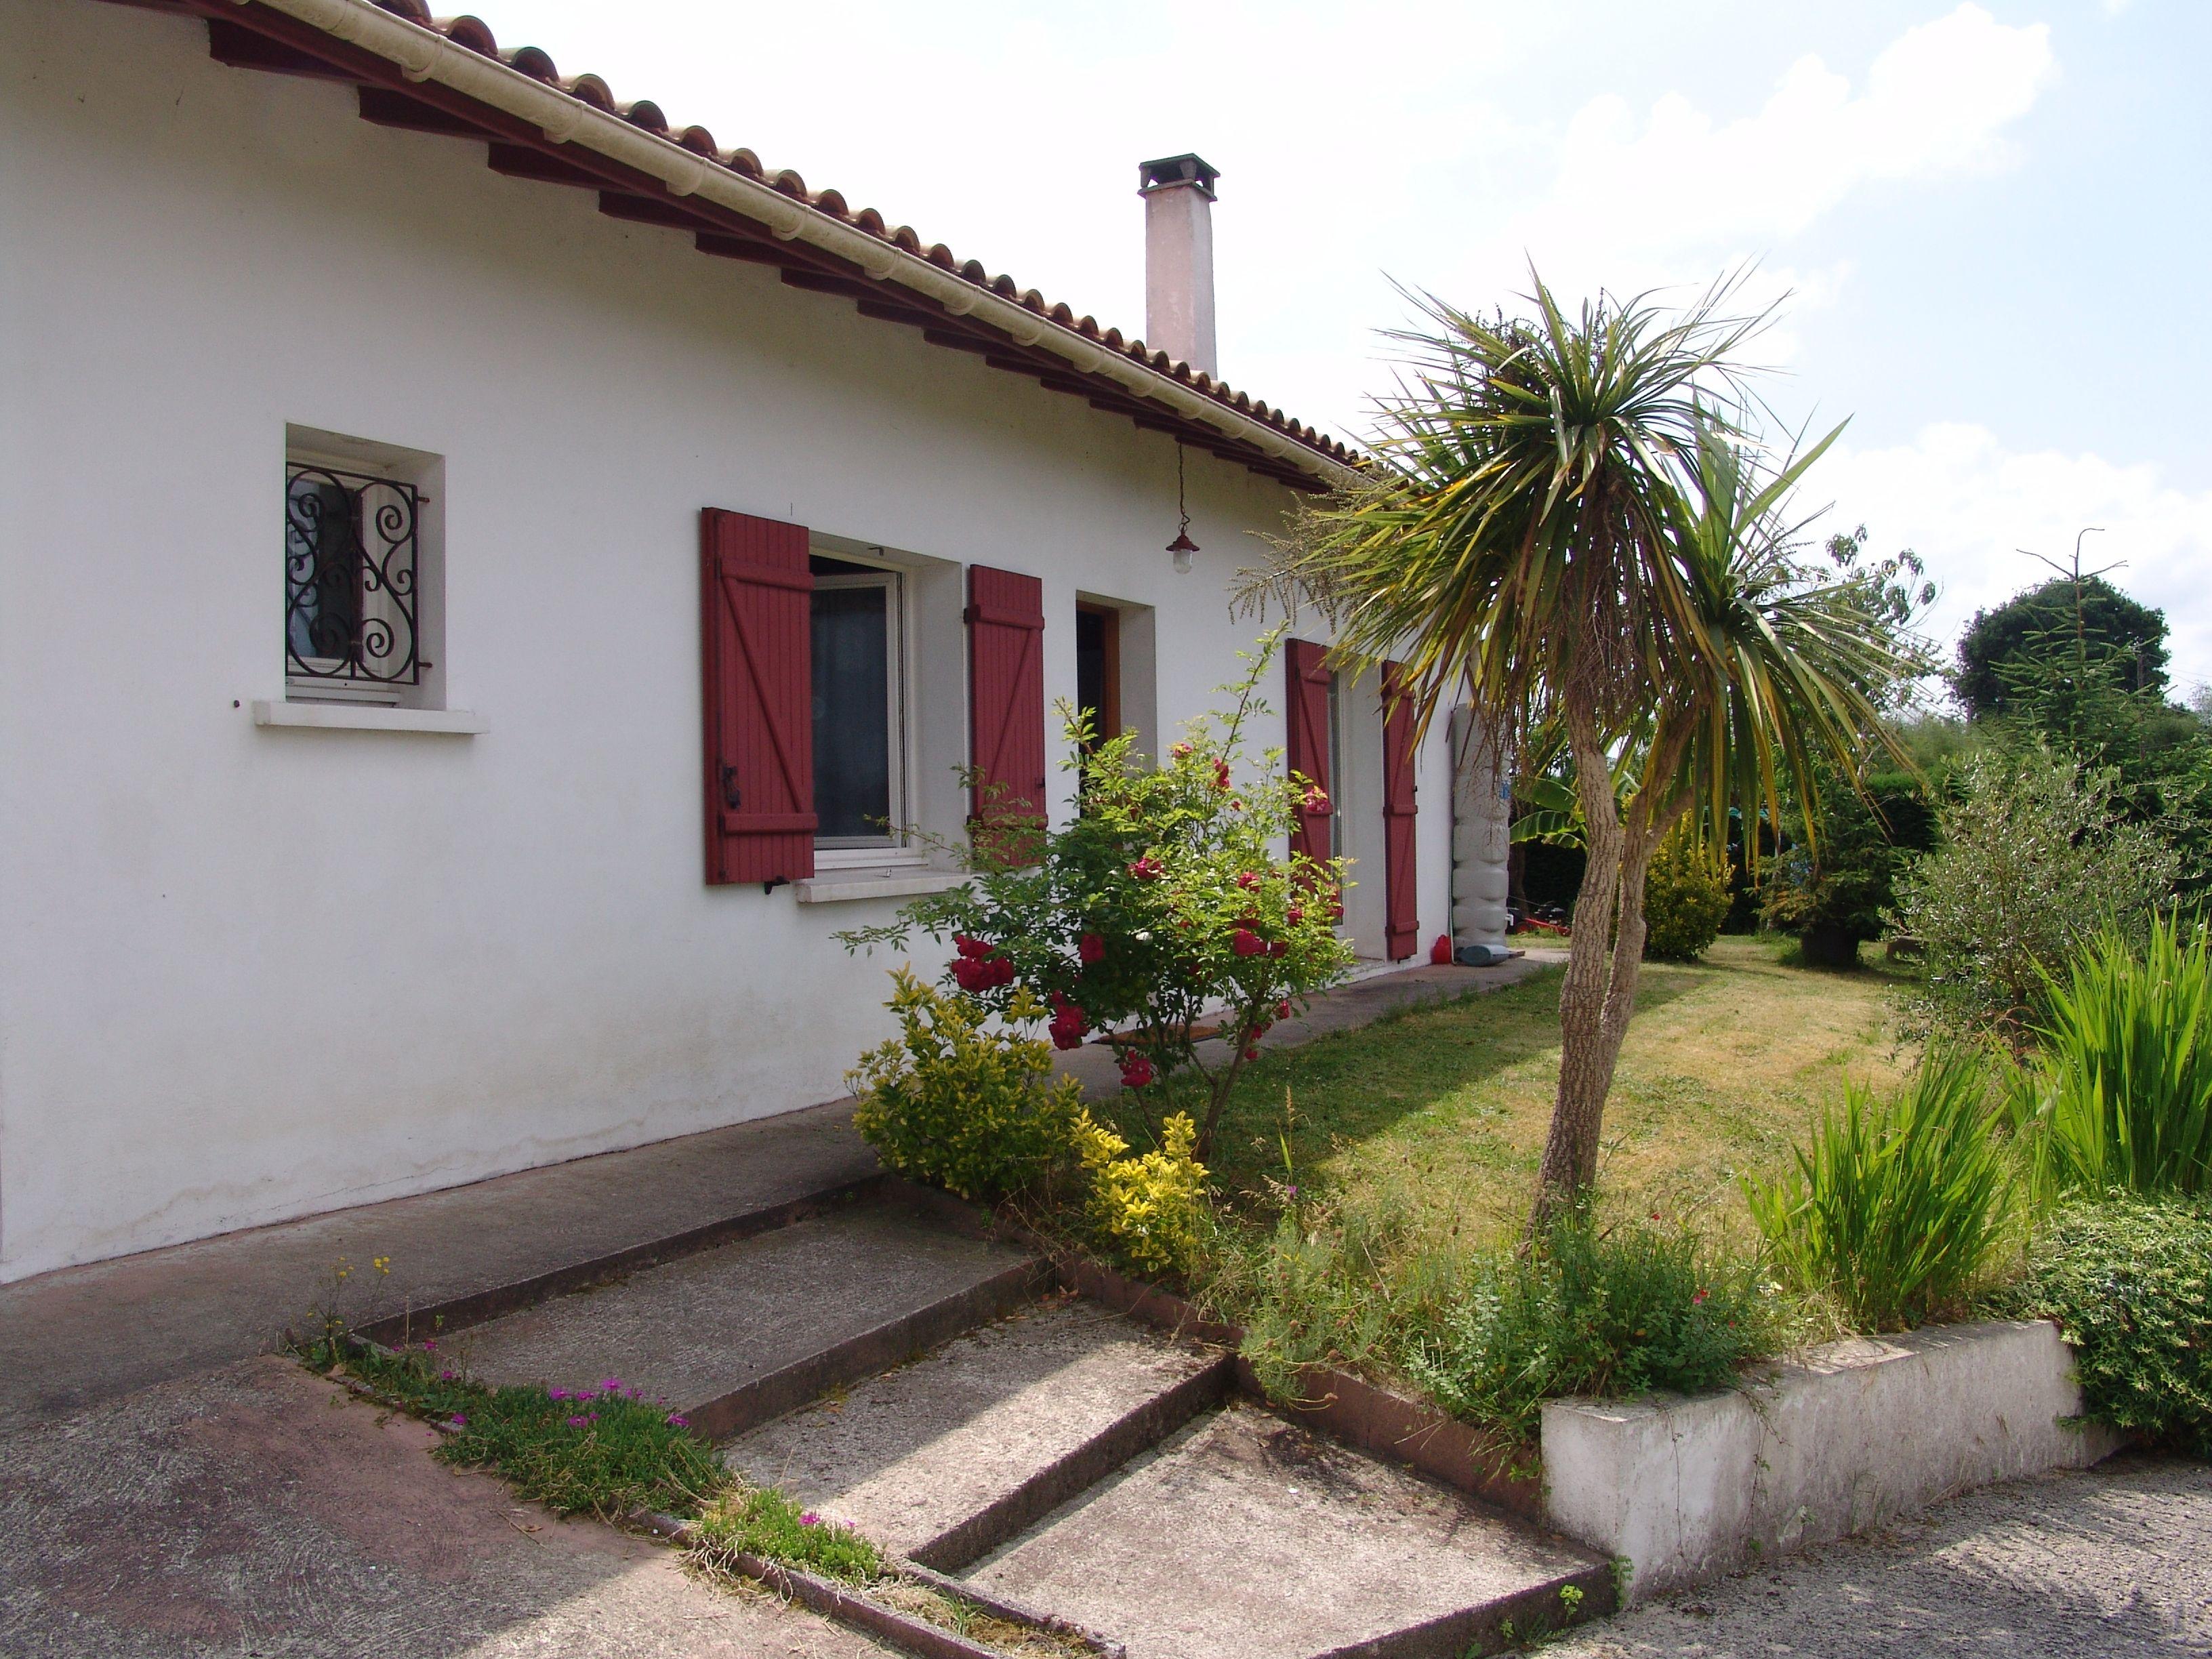 Maison de la cote atlantique maison 2 chambres proche des mathes cte atlantique maison - Maison de la cote atlantique ...